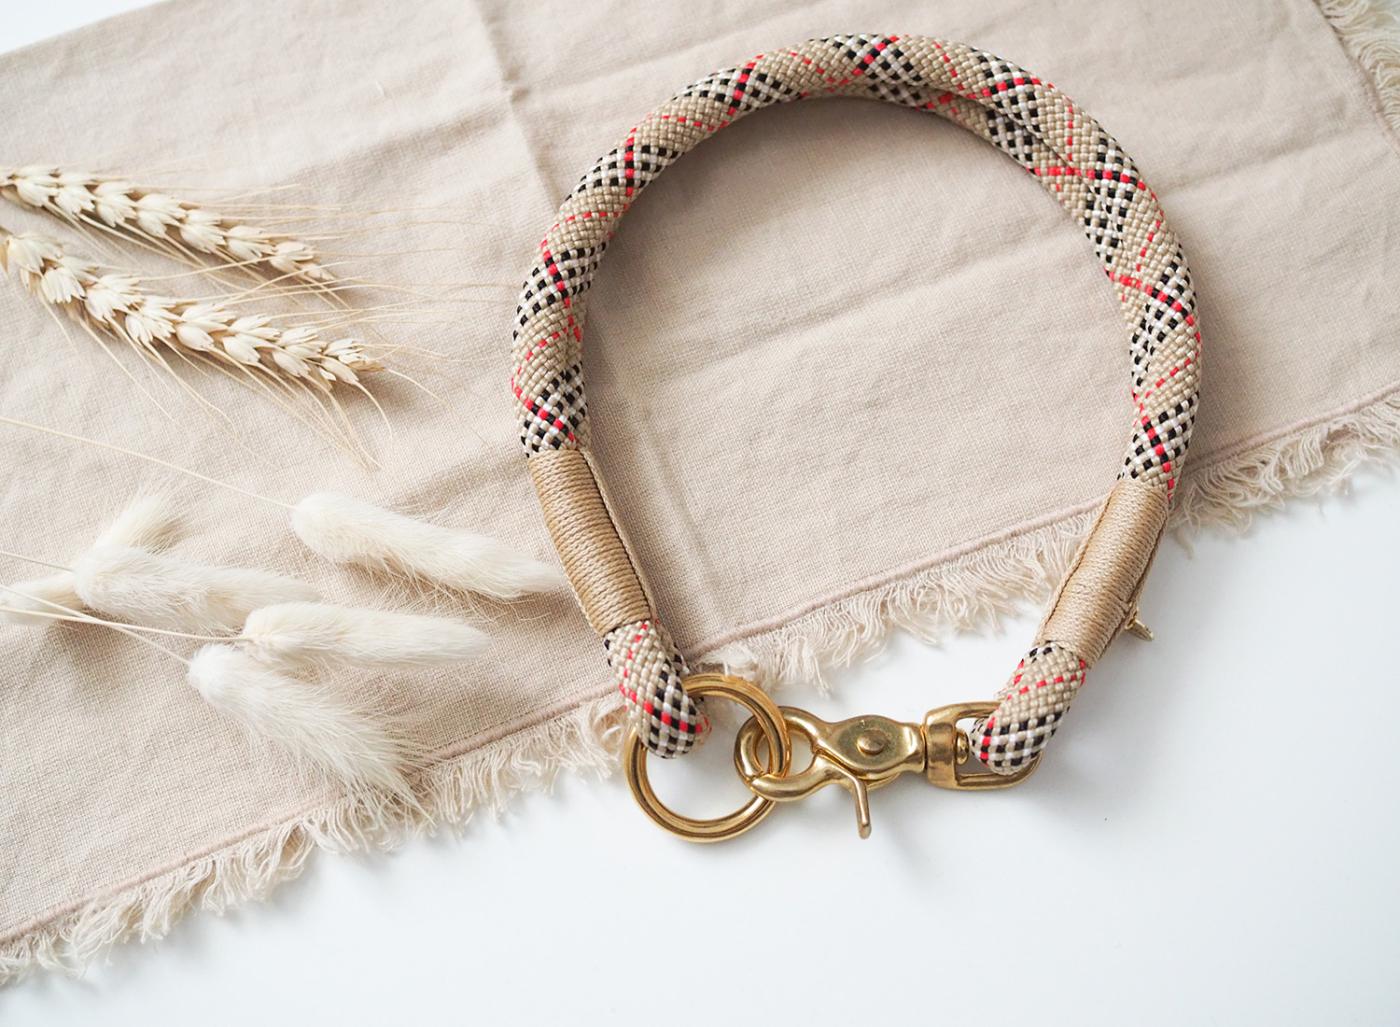 Halsband aus Tau in kariertem Schottenkaro-Look mit beigen Details und goldenen Karabinern.